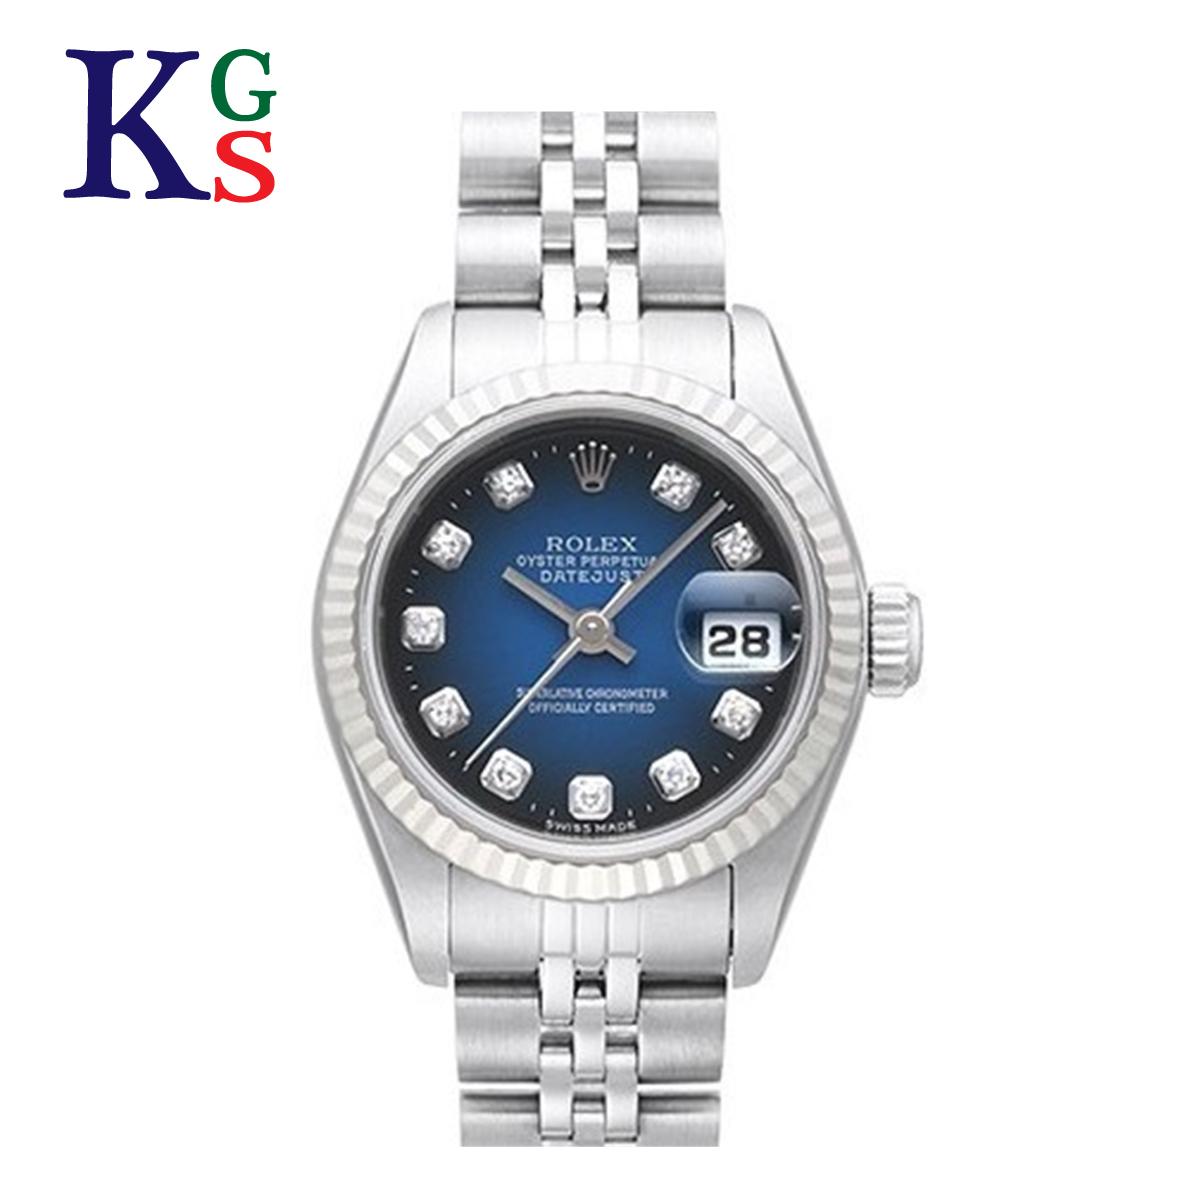 【ギフト品質】ロレックス/ROLEX レディース 腕時計 デイトジャスト ブルーグラデーション文字盤 シルバーxホワイトゴールド コンビ 新10Pダイヤモンド ステンレススチールxK18WG 69174G